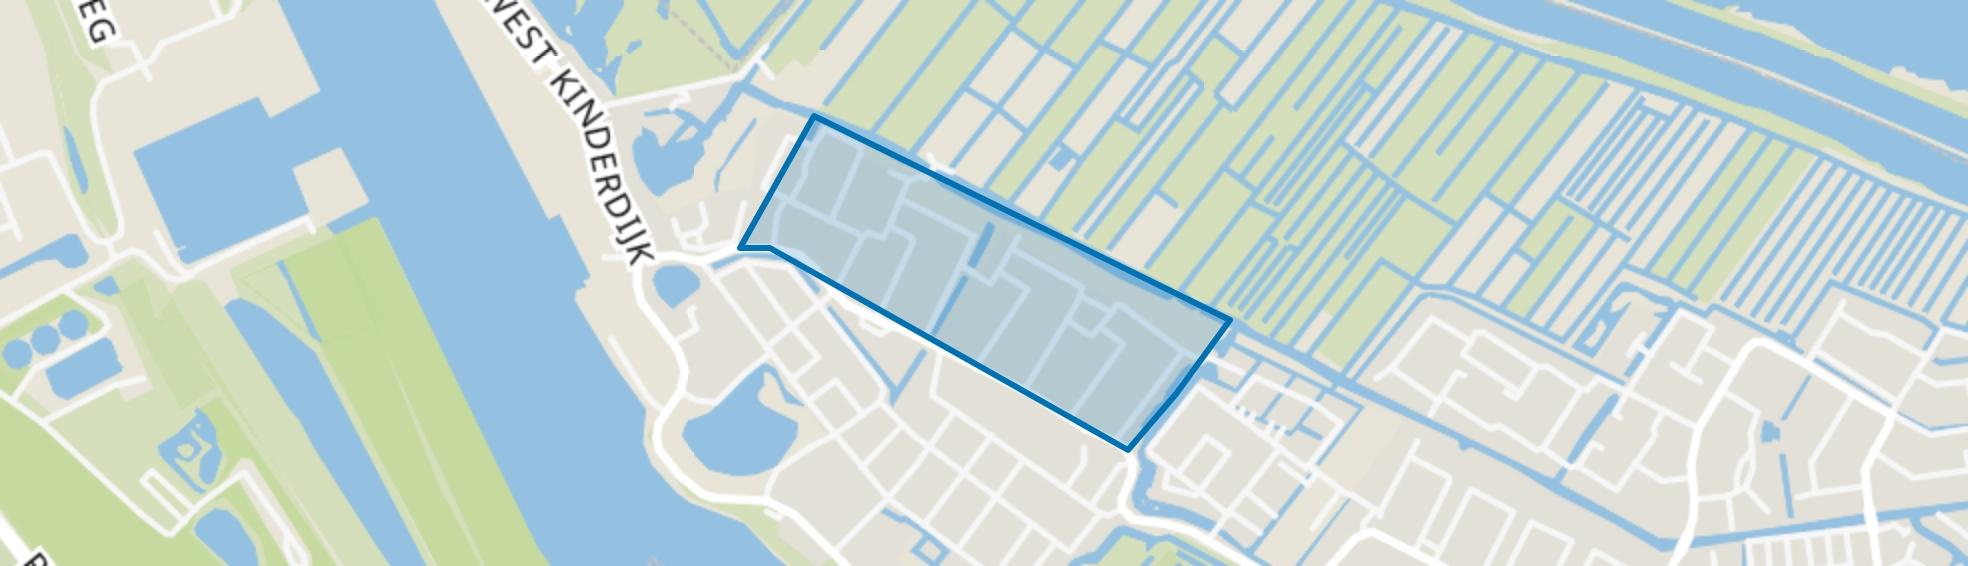 Vogelbuurt, Alblasserdam map